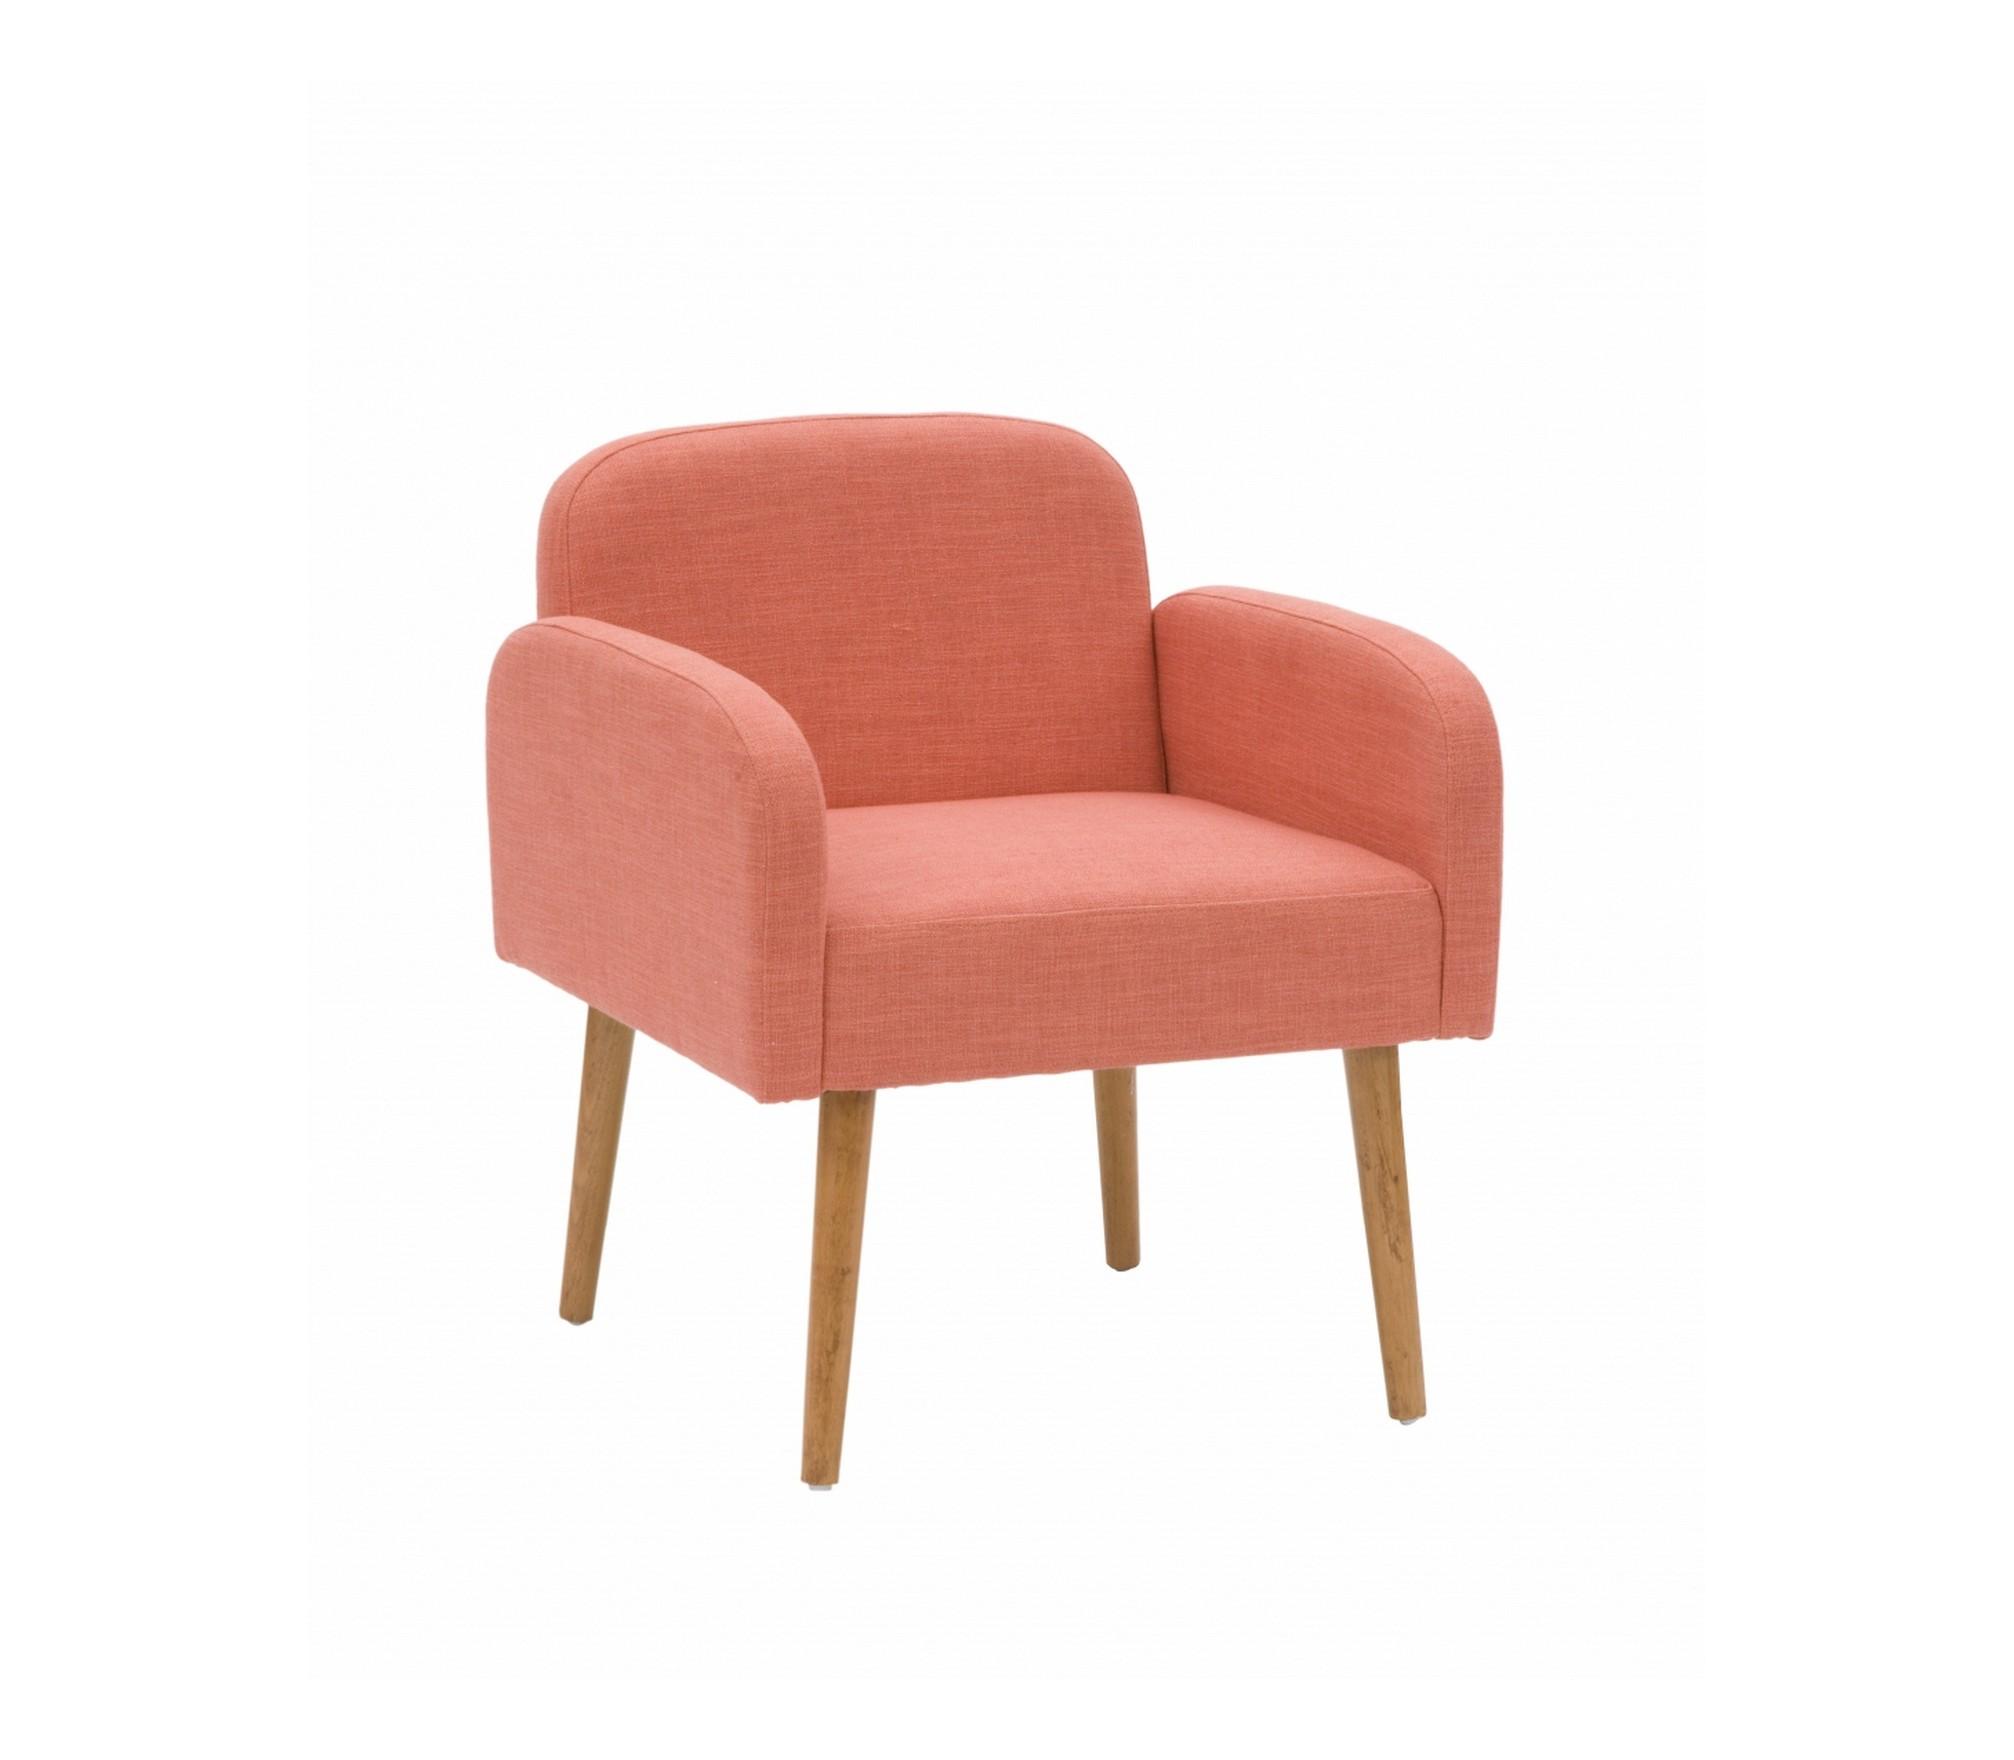 Кресло ВинтажИнтерьерные кресла<br>Спокойные цвета и минималистичный дизайн кресла &amp;quot;Винтаж&amp;quot; способствуют созданию атмосферы умиротворения и уюта. Кресло &amp;quot;Винтаж&amp;quot; в точности отвечает требованиям современного потребителя и его мечтам о хорошей мебели.<br>Ножки выполнены из дерева.<br>Монтаж не требуется.<br><br>Material: Текстиль<br>Width см: 61<br>Depth см: 71<br>Height см: 58